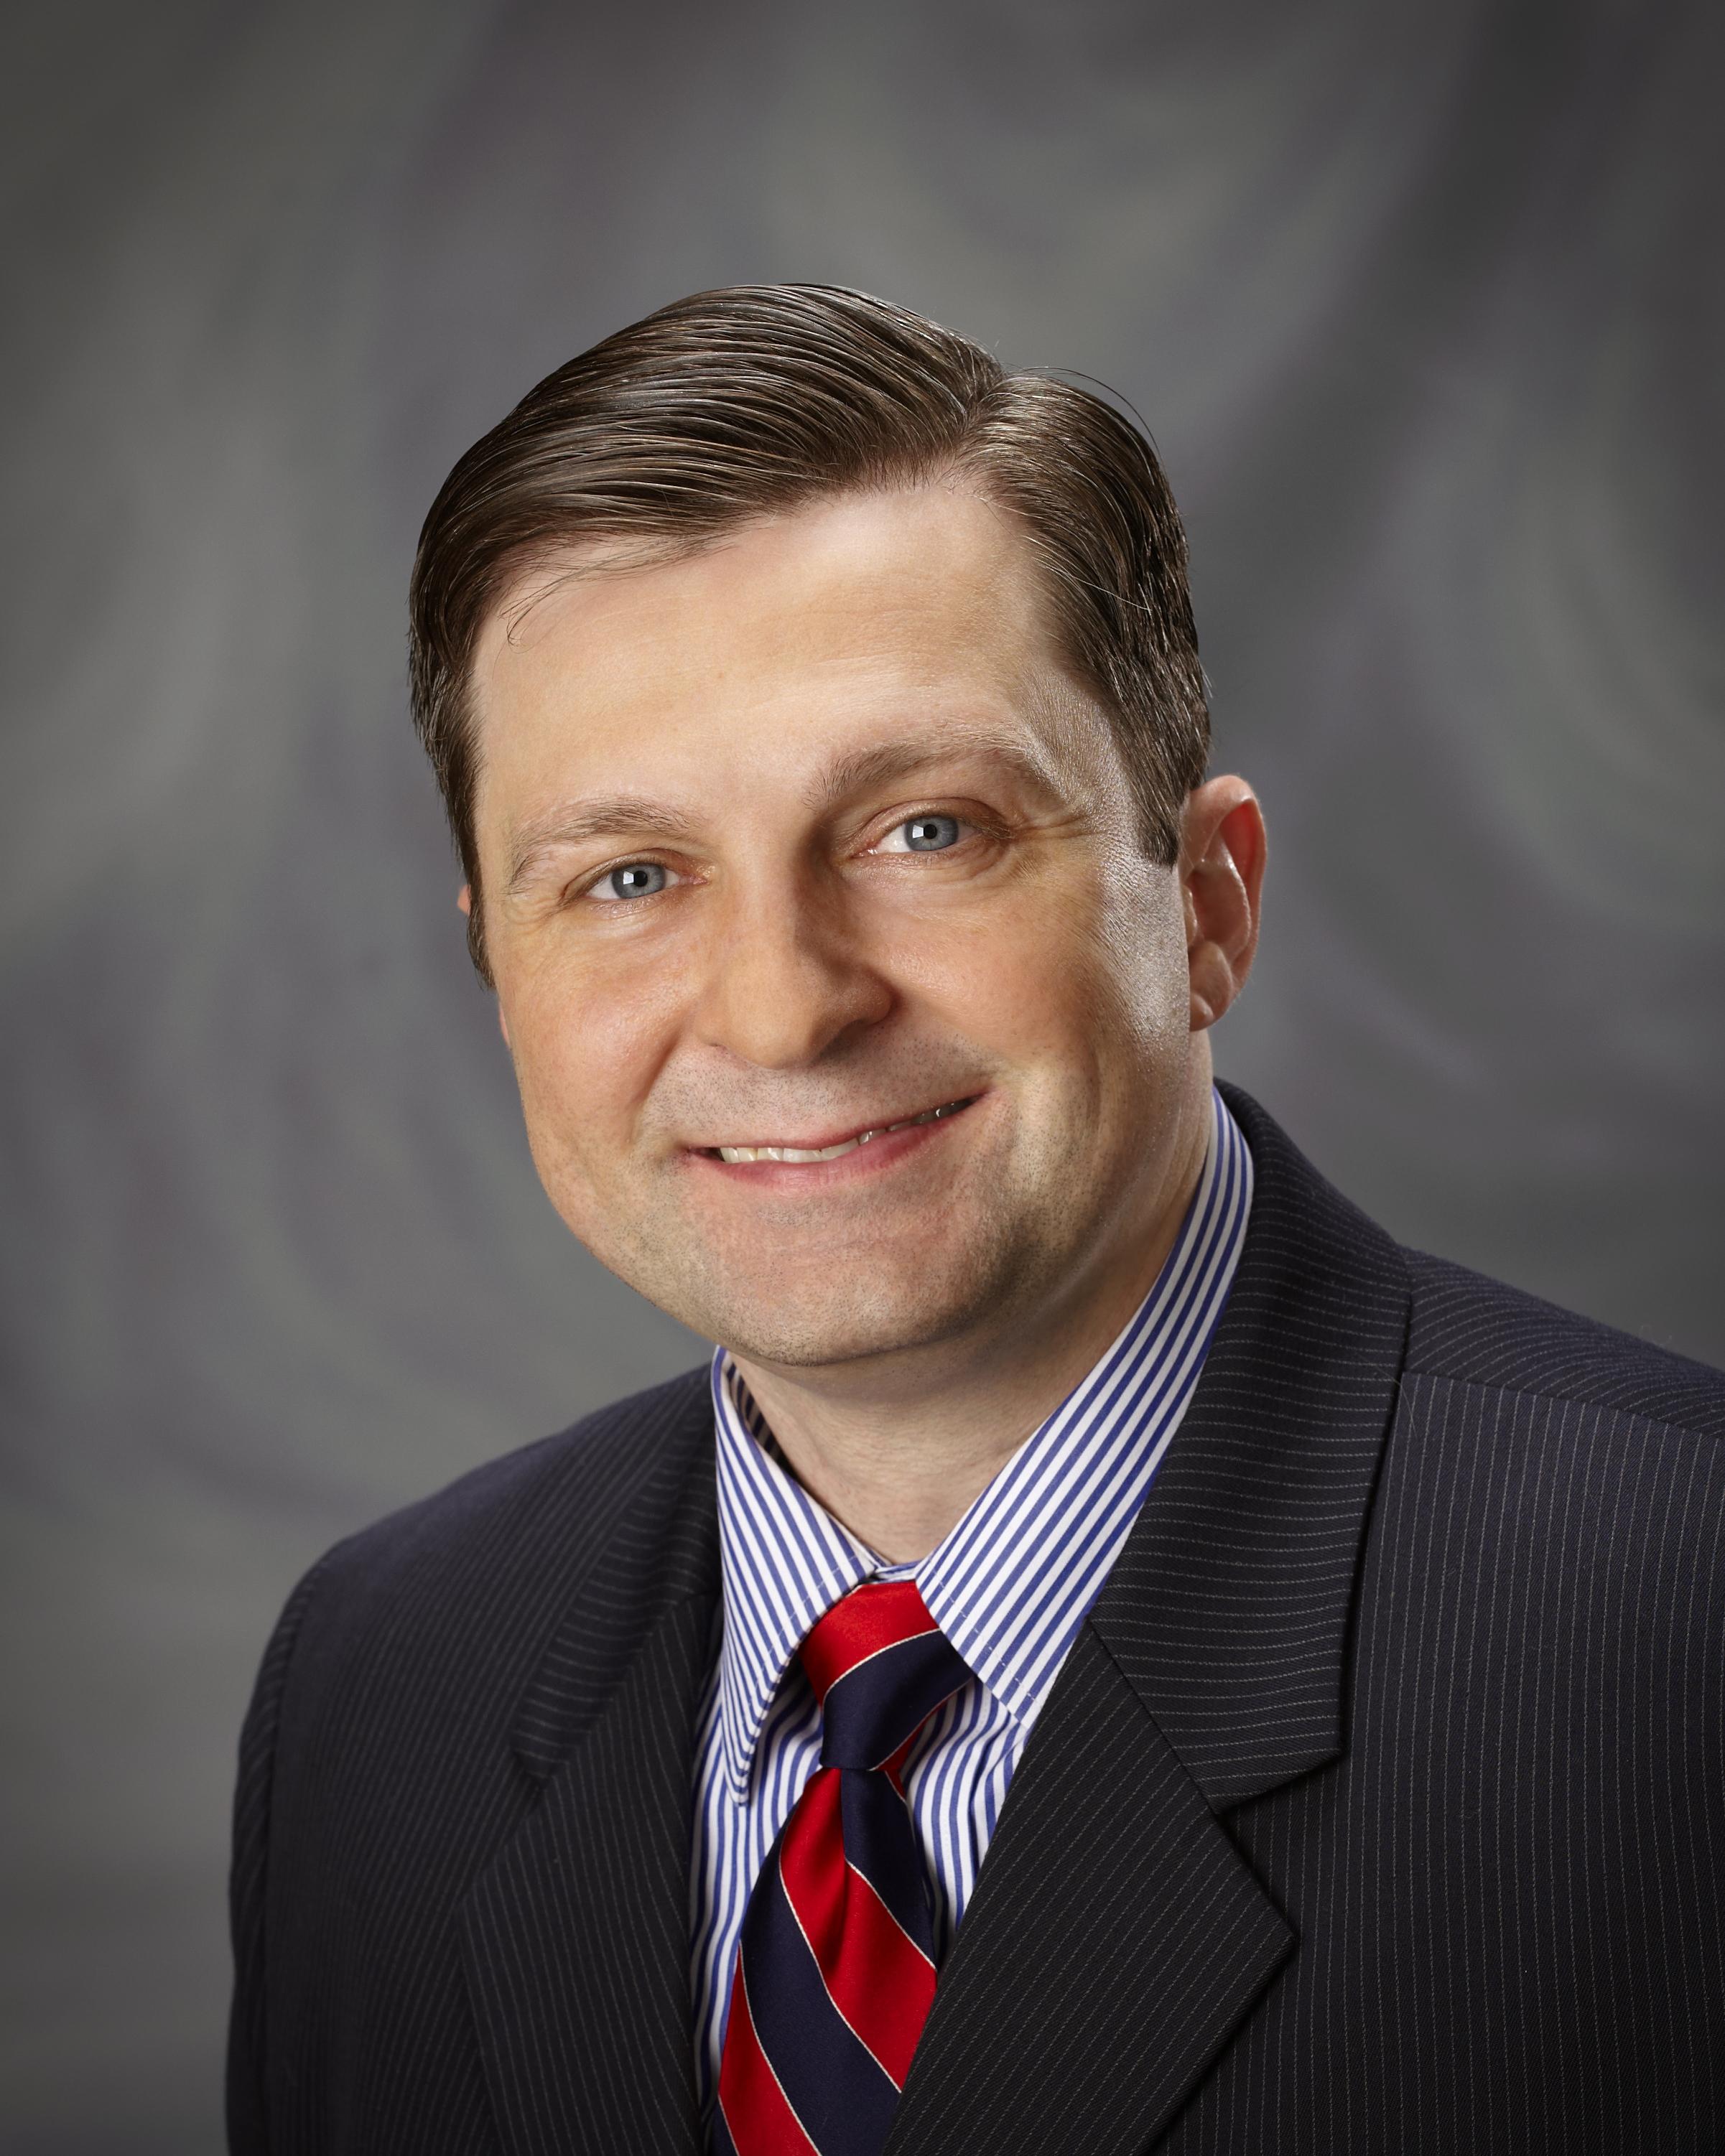 Scott J. Weiland